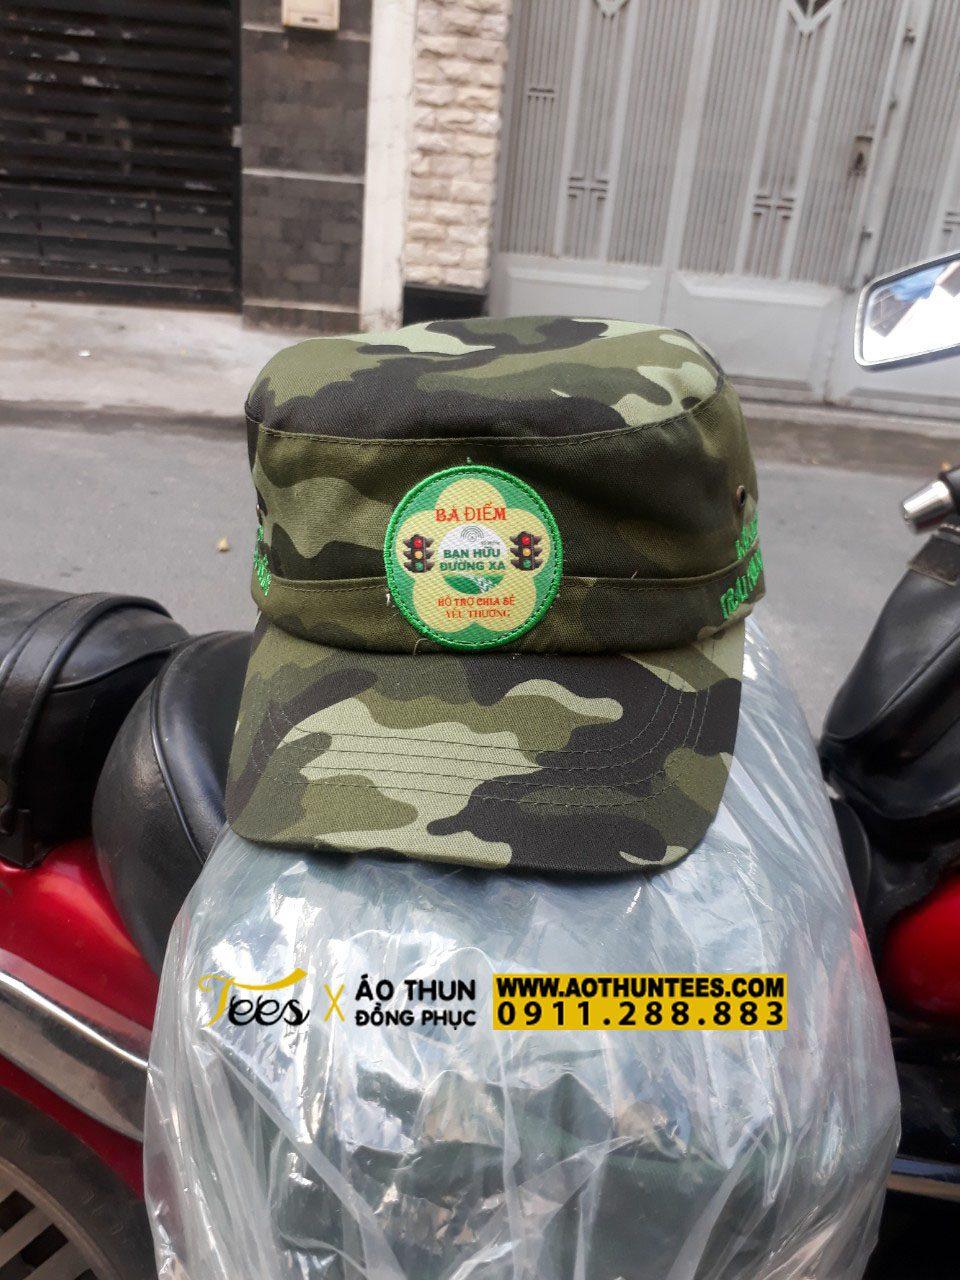 bf0f0b6f76b991e7c8a8 - Giới thiệu về đồng phục nón